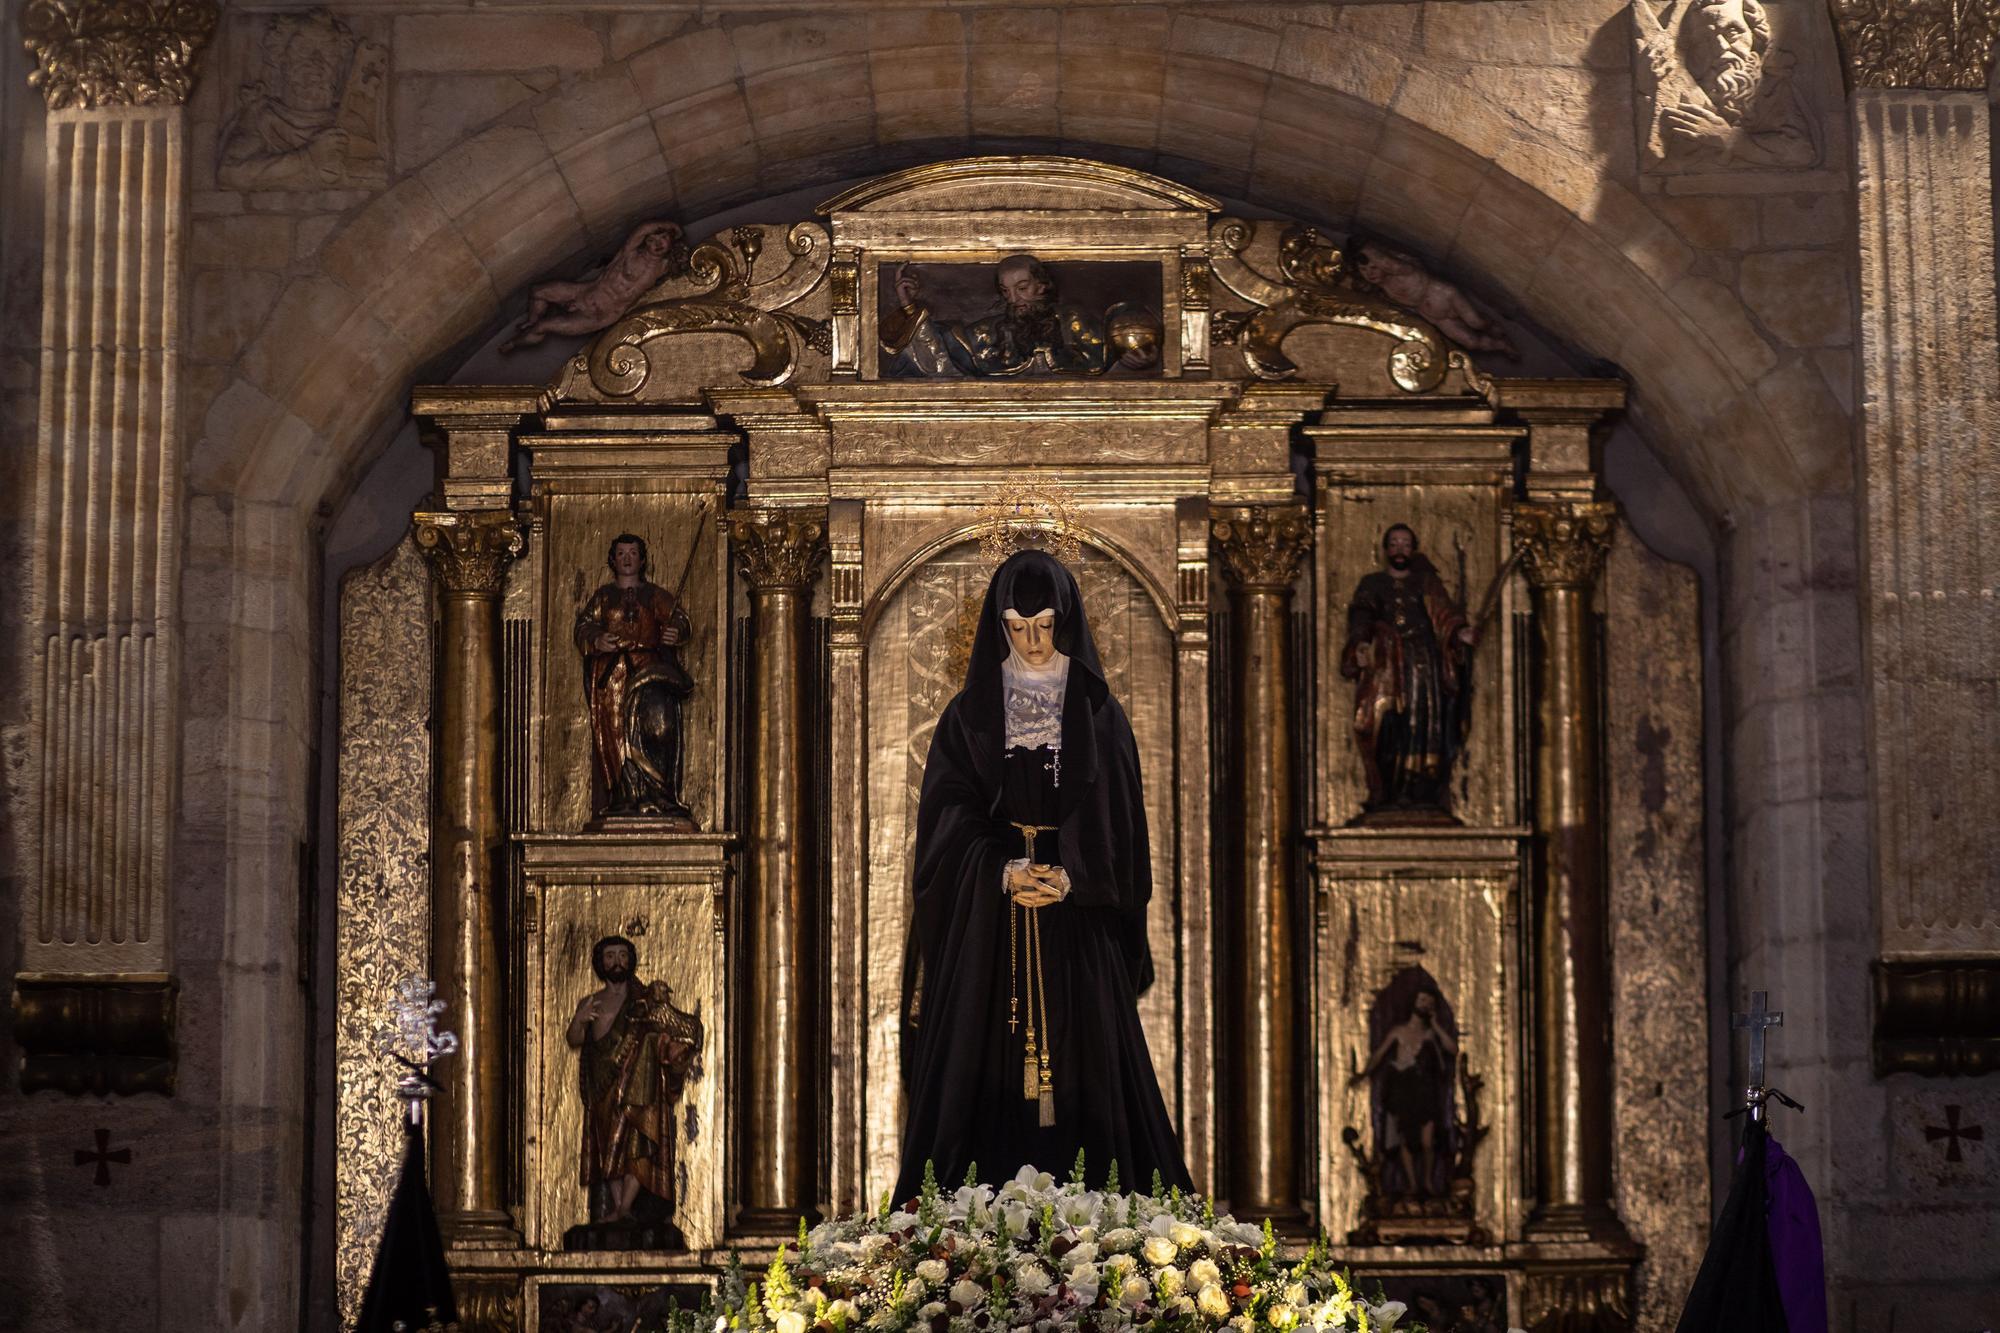 GALERÍA | Via Matris de la Virgen de la Soledad